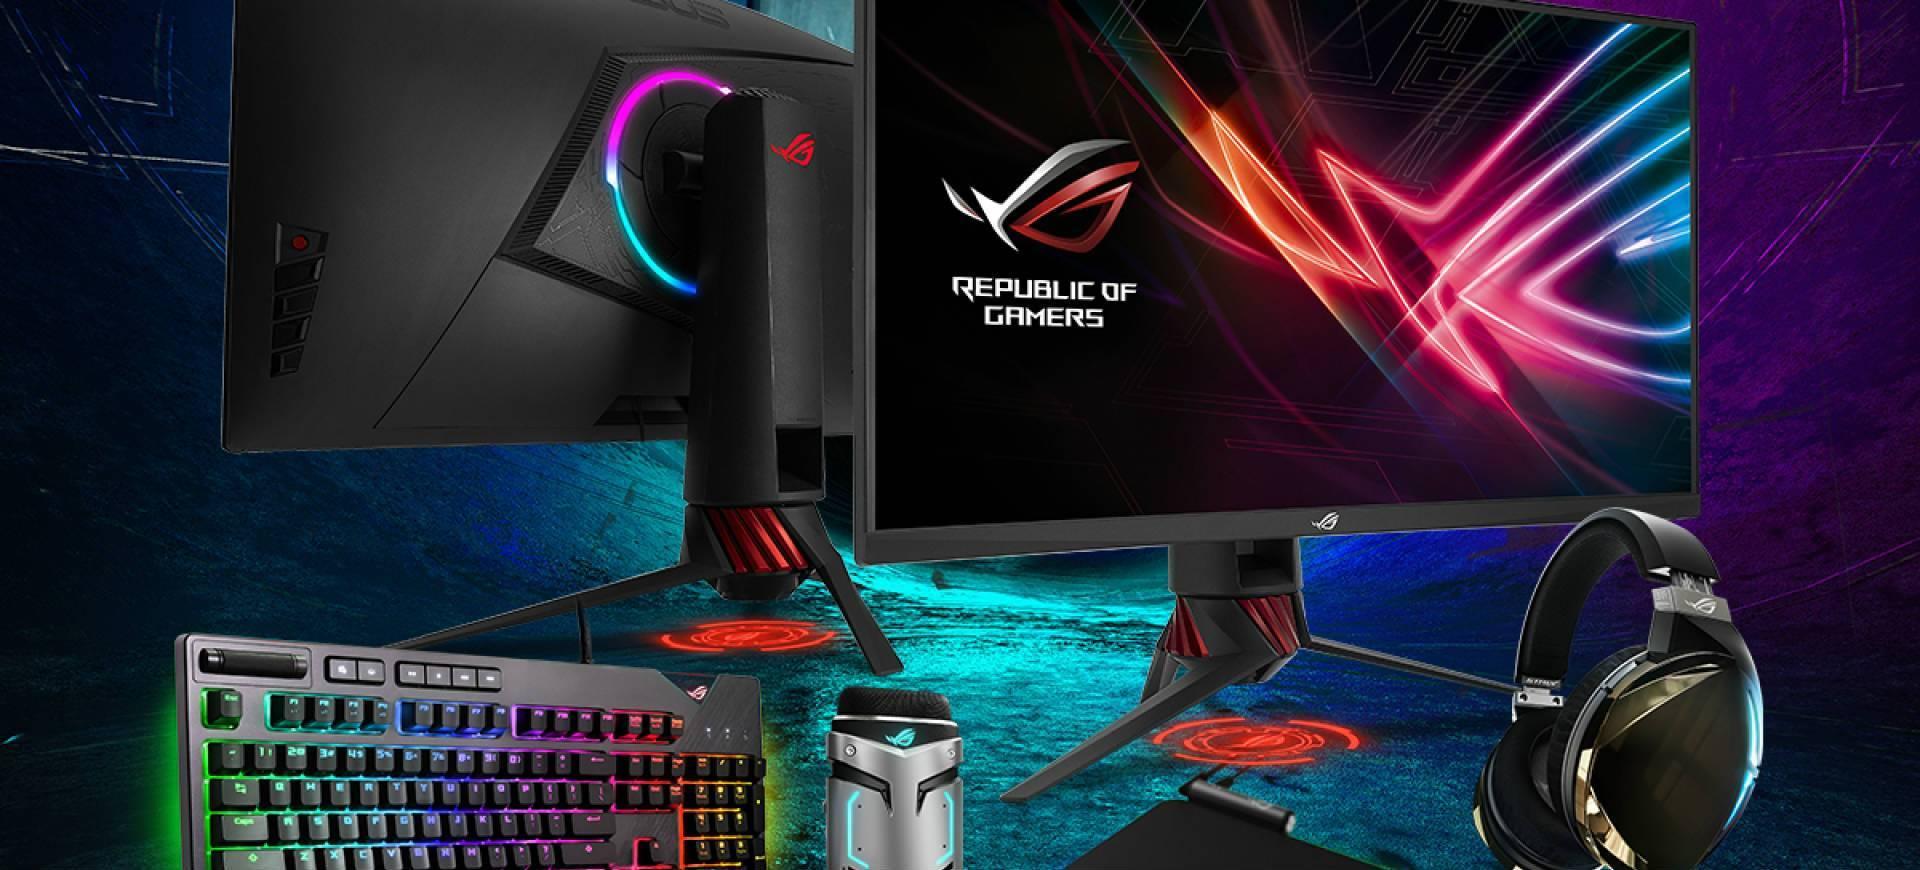 Tai nghe Bluetooth Asus ROG Strix Fusion 700 Gaming có tính năng aura sync đồng bộ led